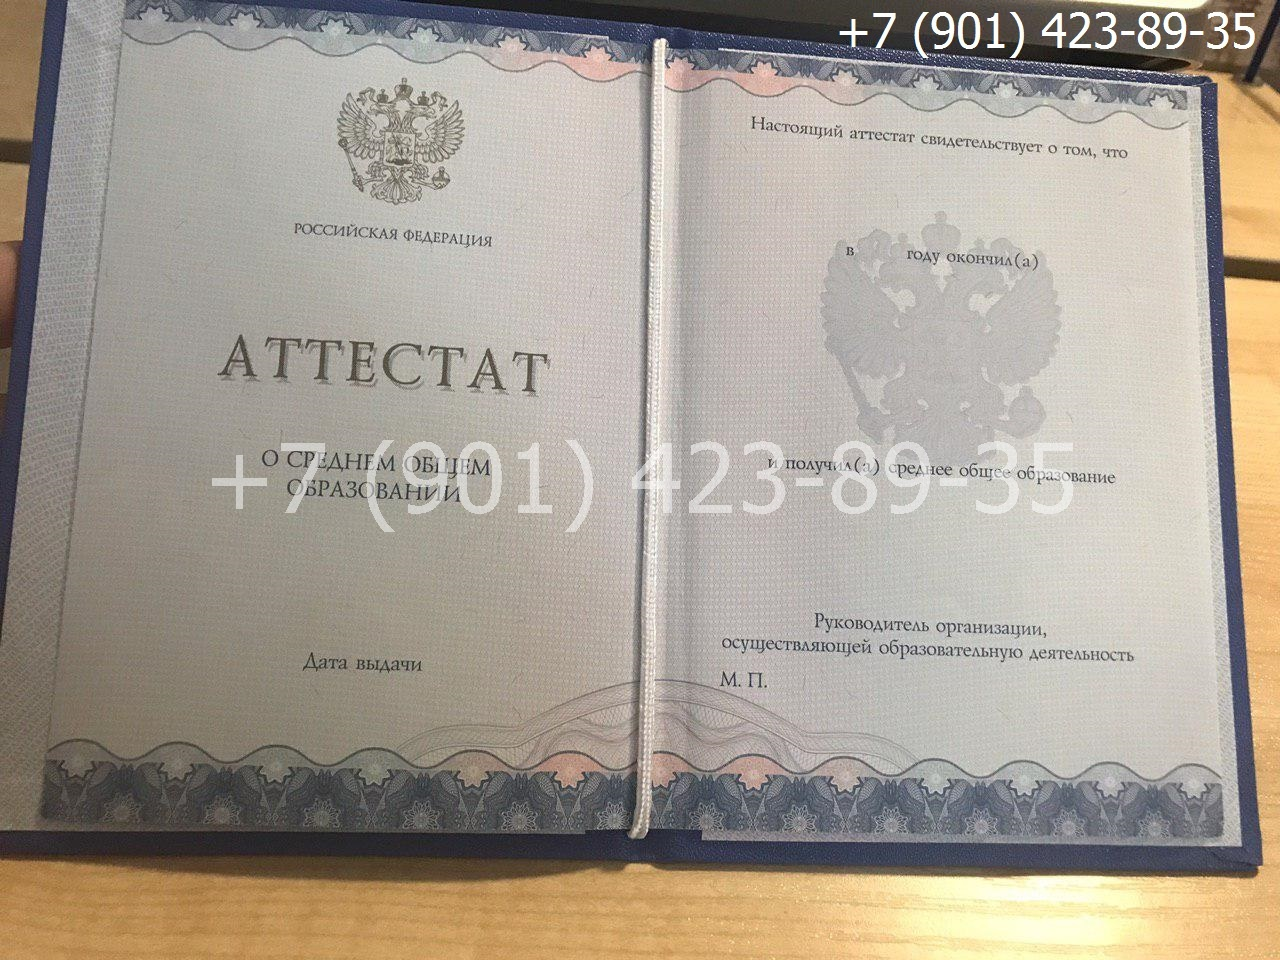 Аттестат 11 класс 2014-2019 годов, нового образца, титульный лист